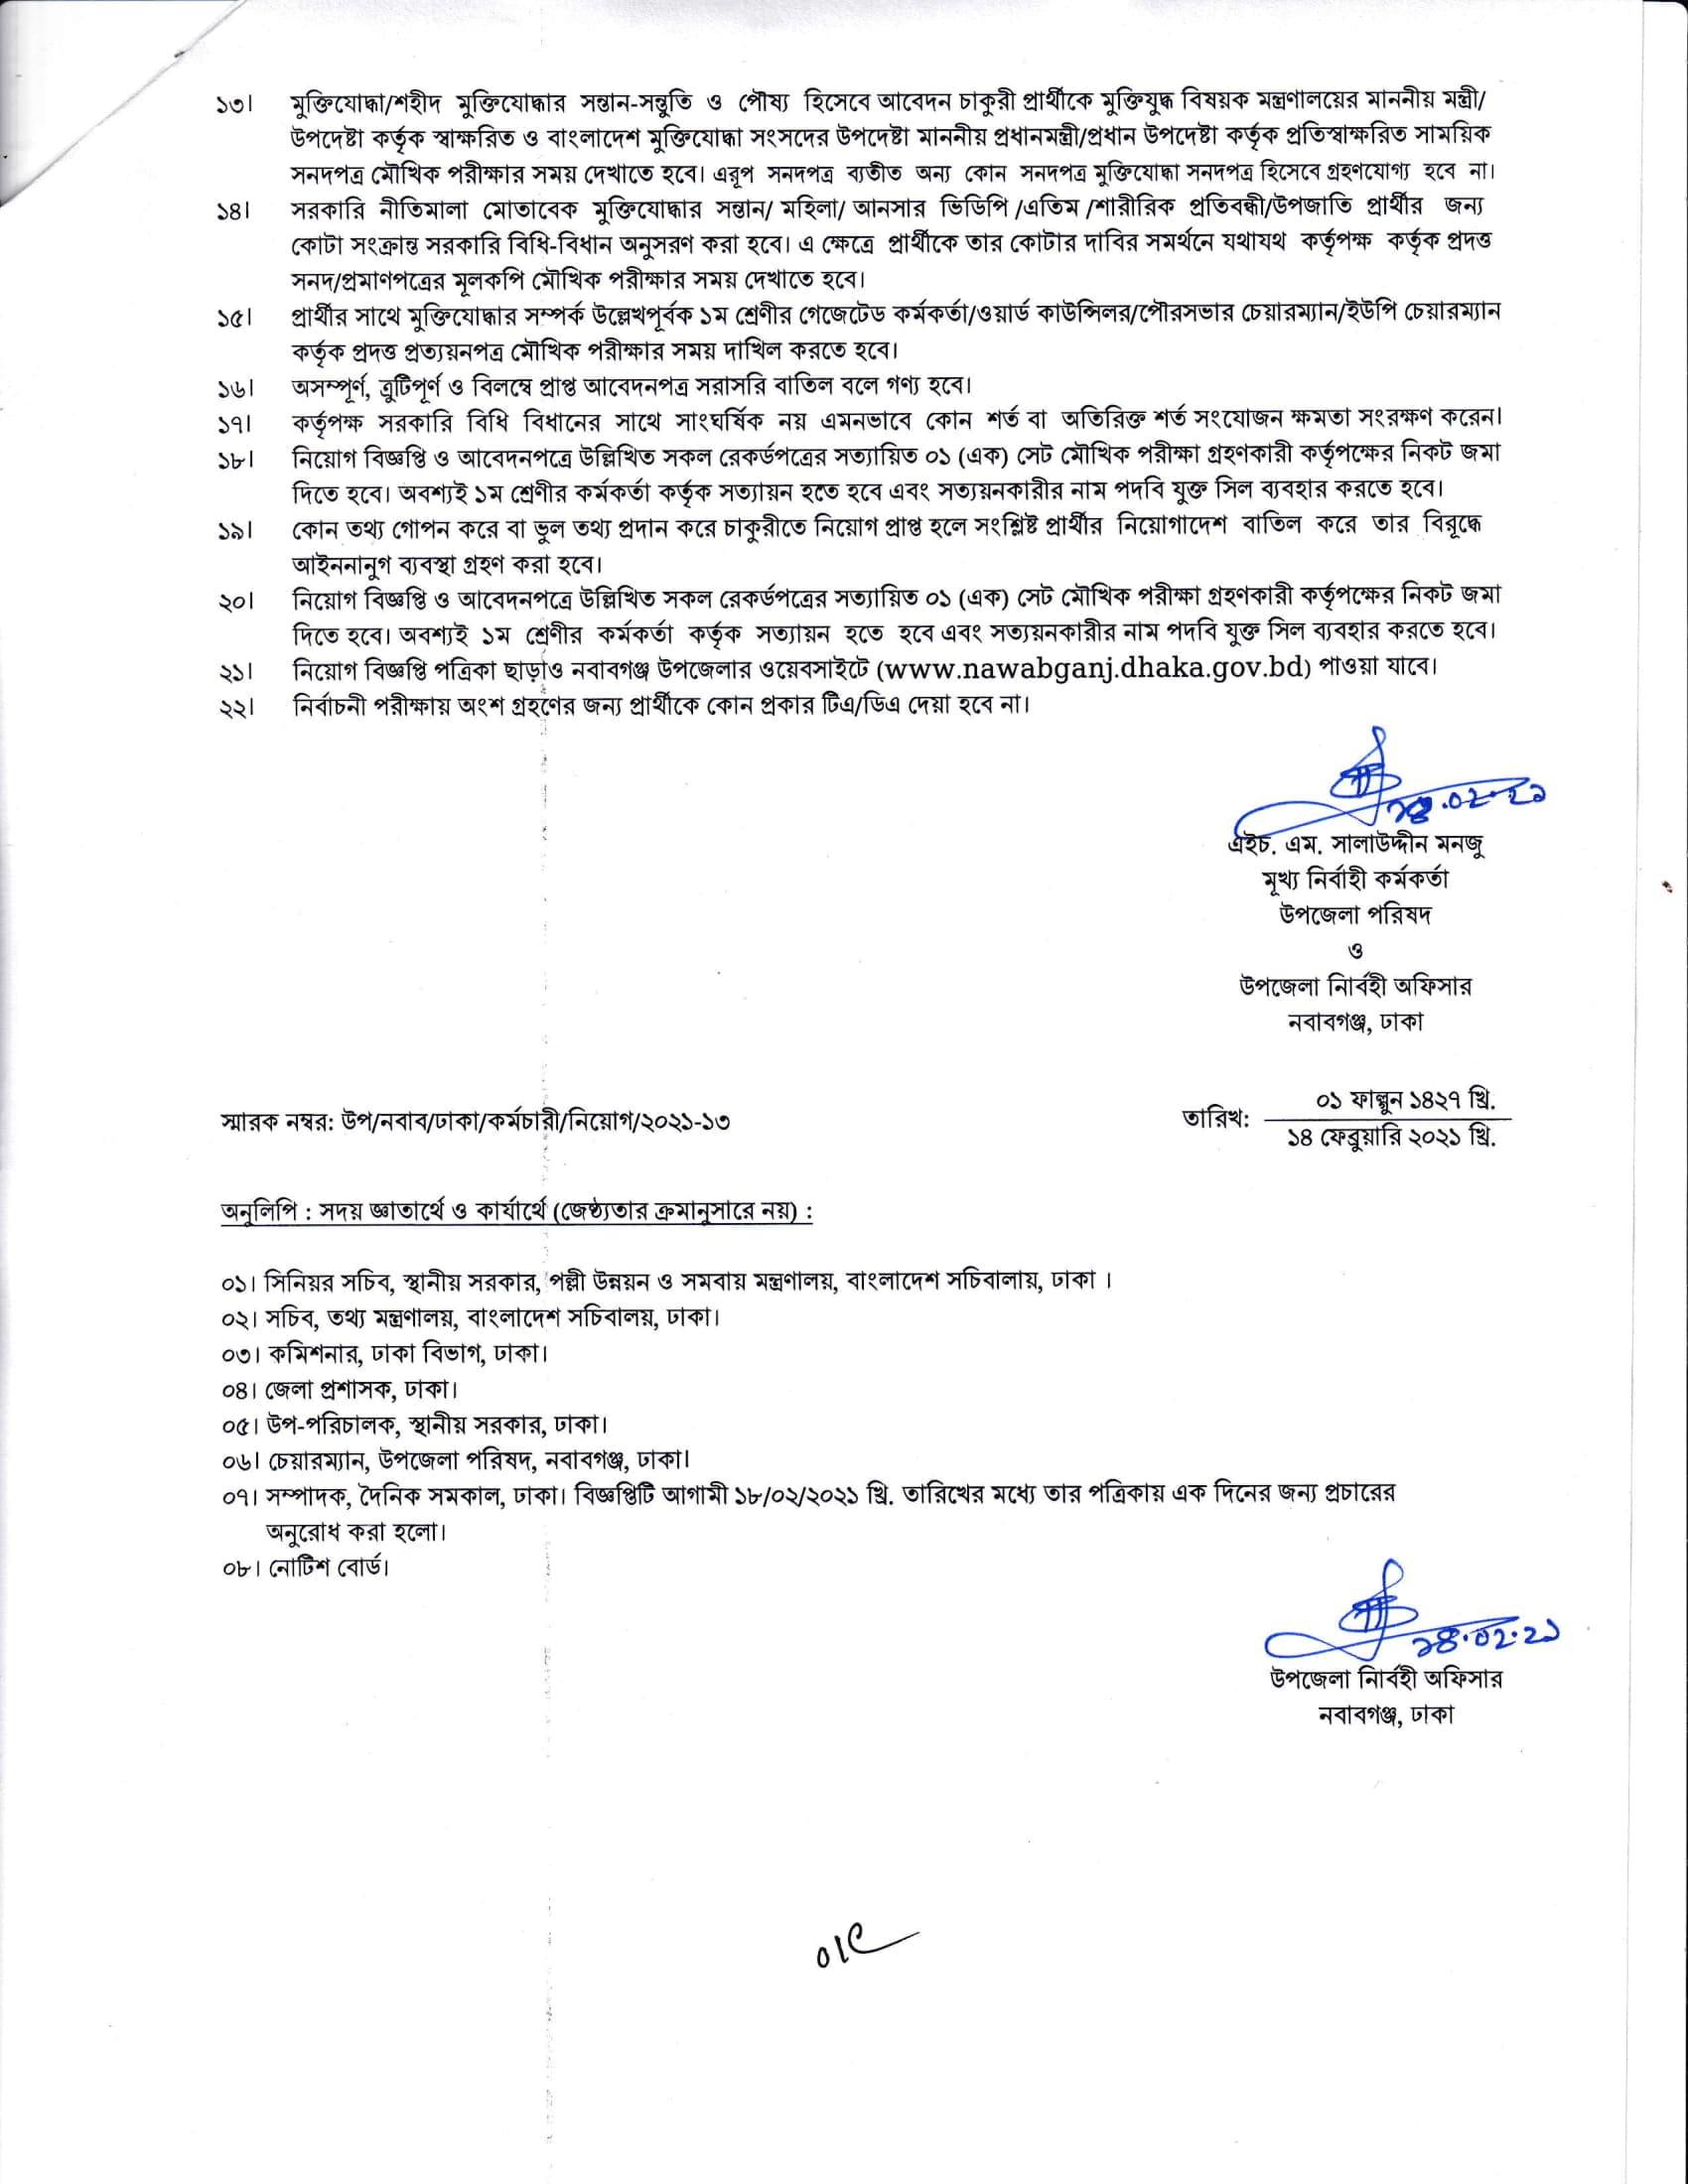 Nawabganj Upazila Parishad Job Circular